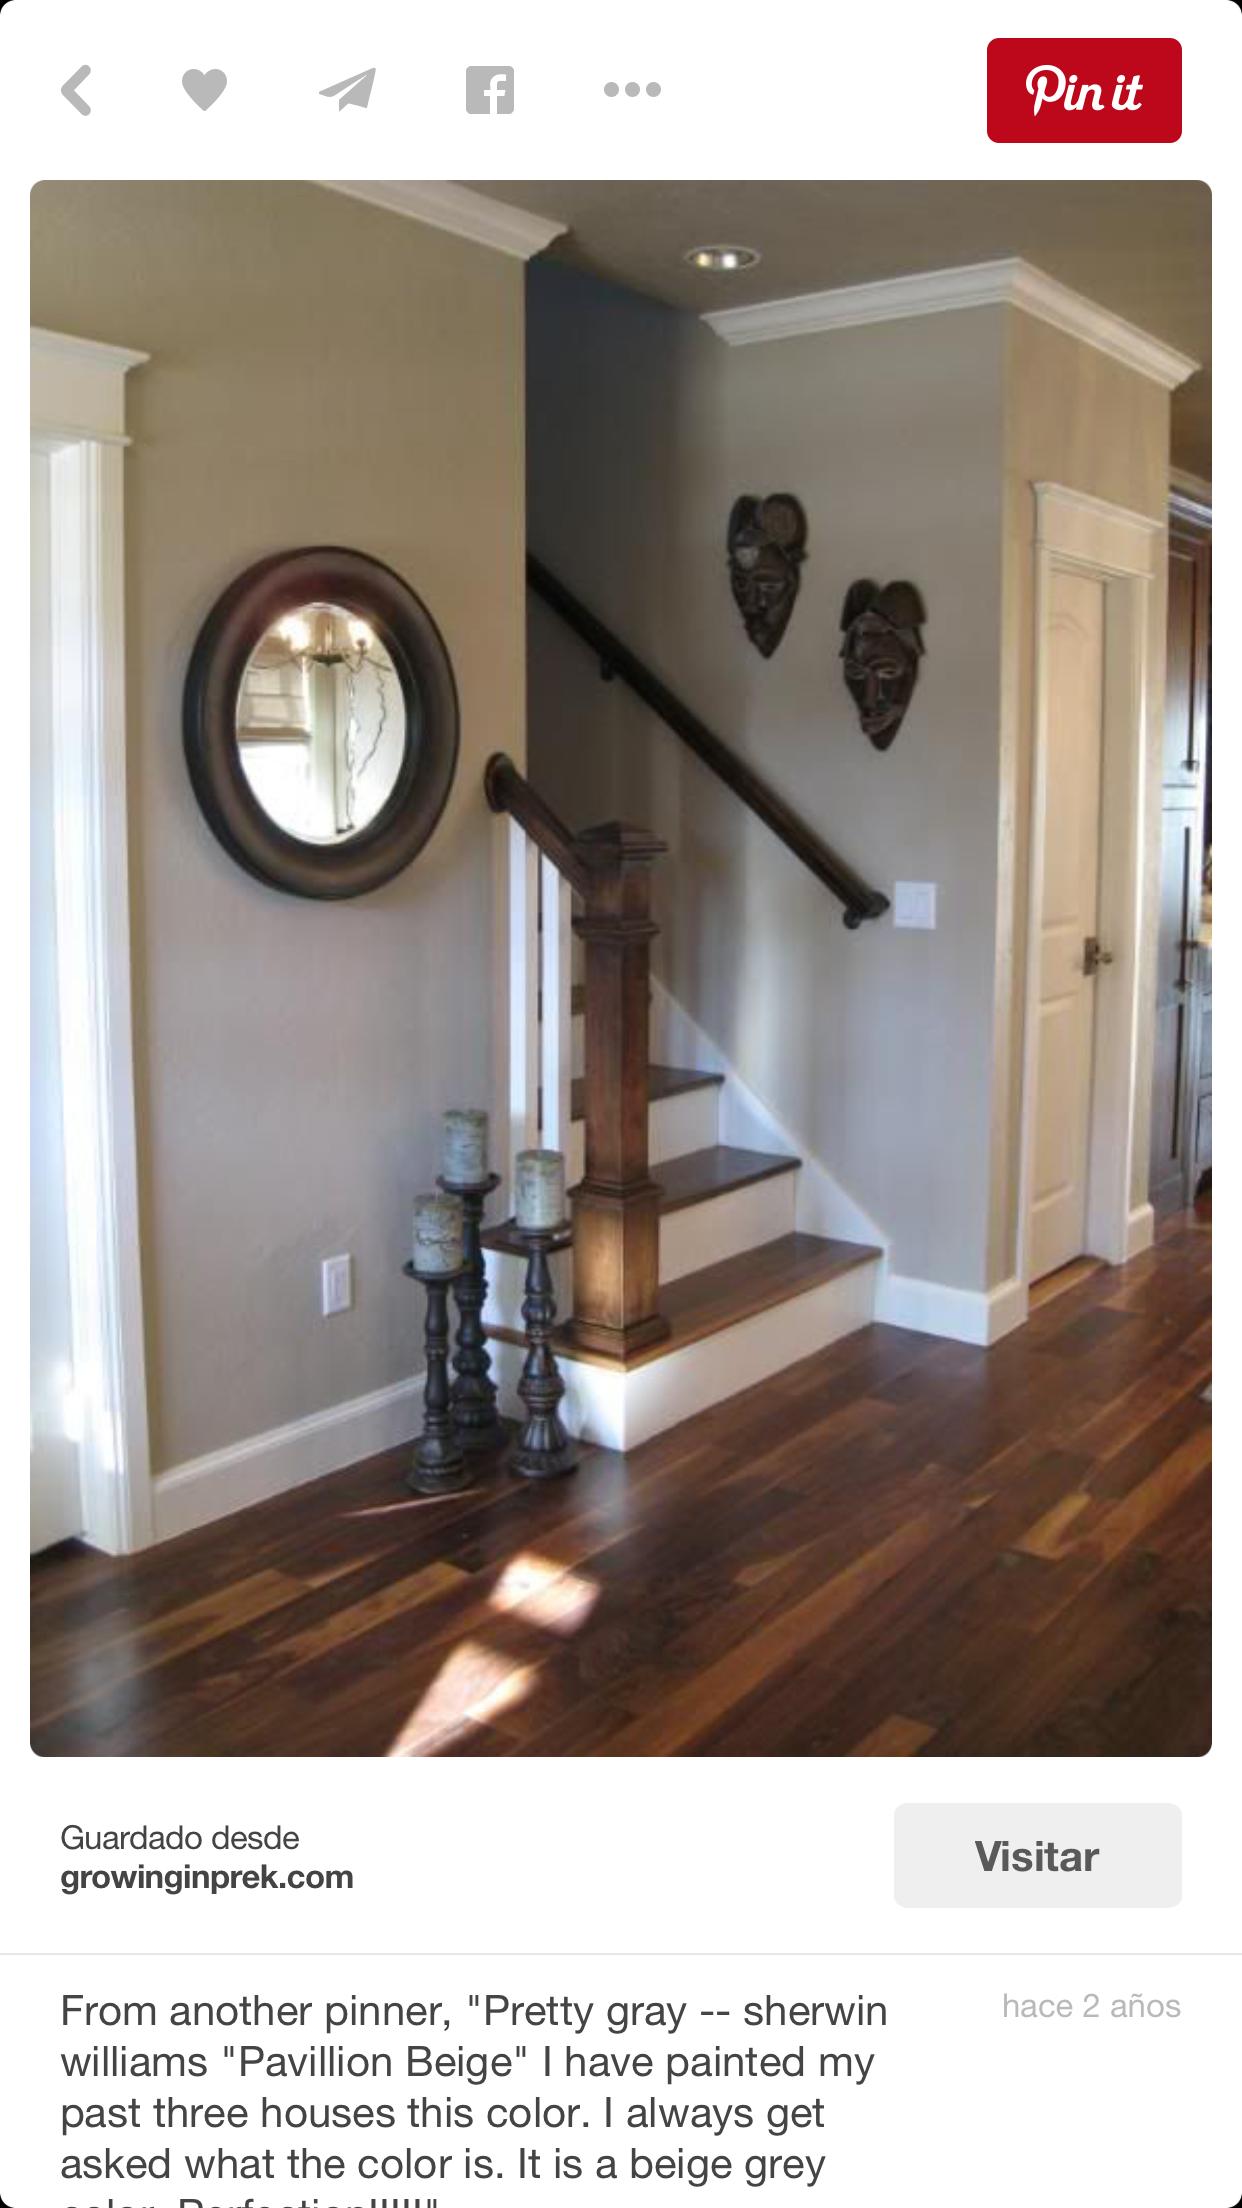 Wandfarbe Grau Liegt Auch In Diesem Jahr Definitiv Im Trend. Eine Elegante  Lösung Bei Der Innengestaltung Stellt Die Kombination Von Grauen Wänden Mit  .